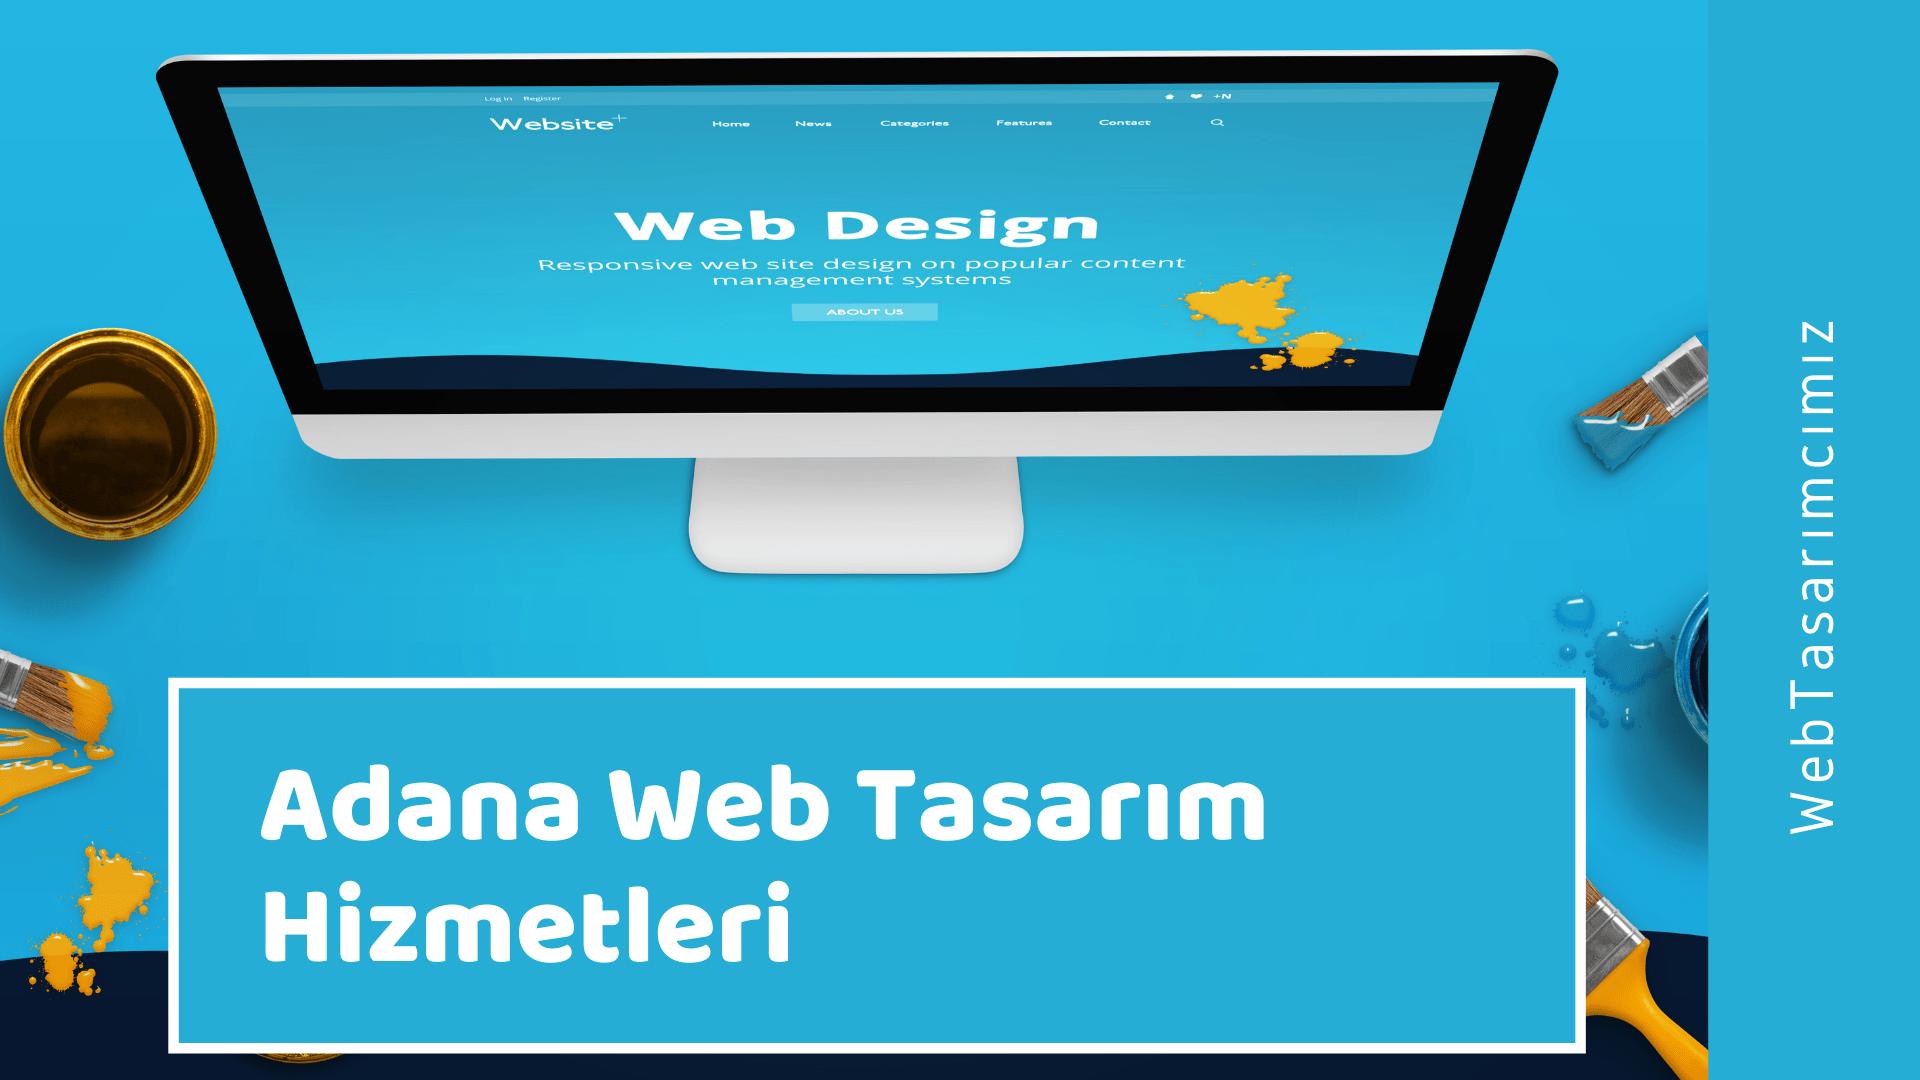 Adana Web Tasarım Hizmetleri